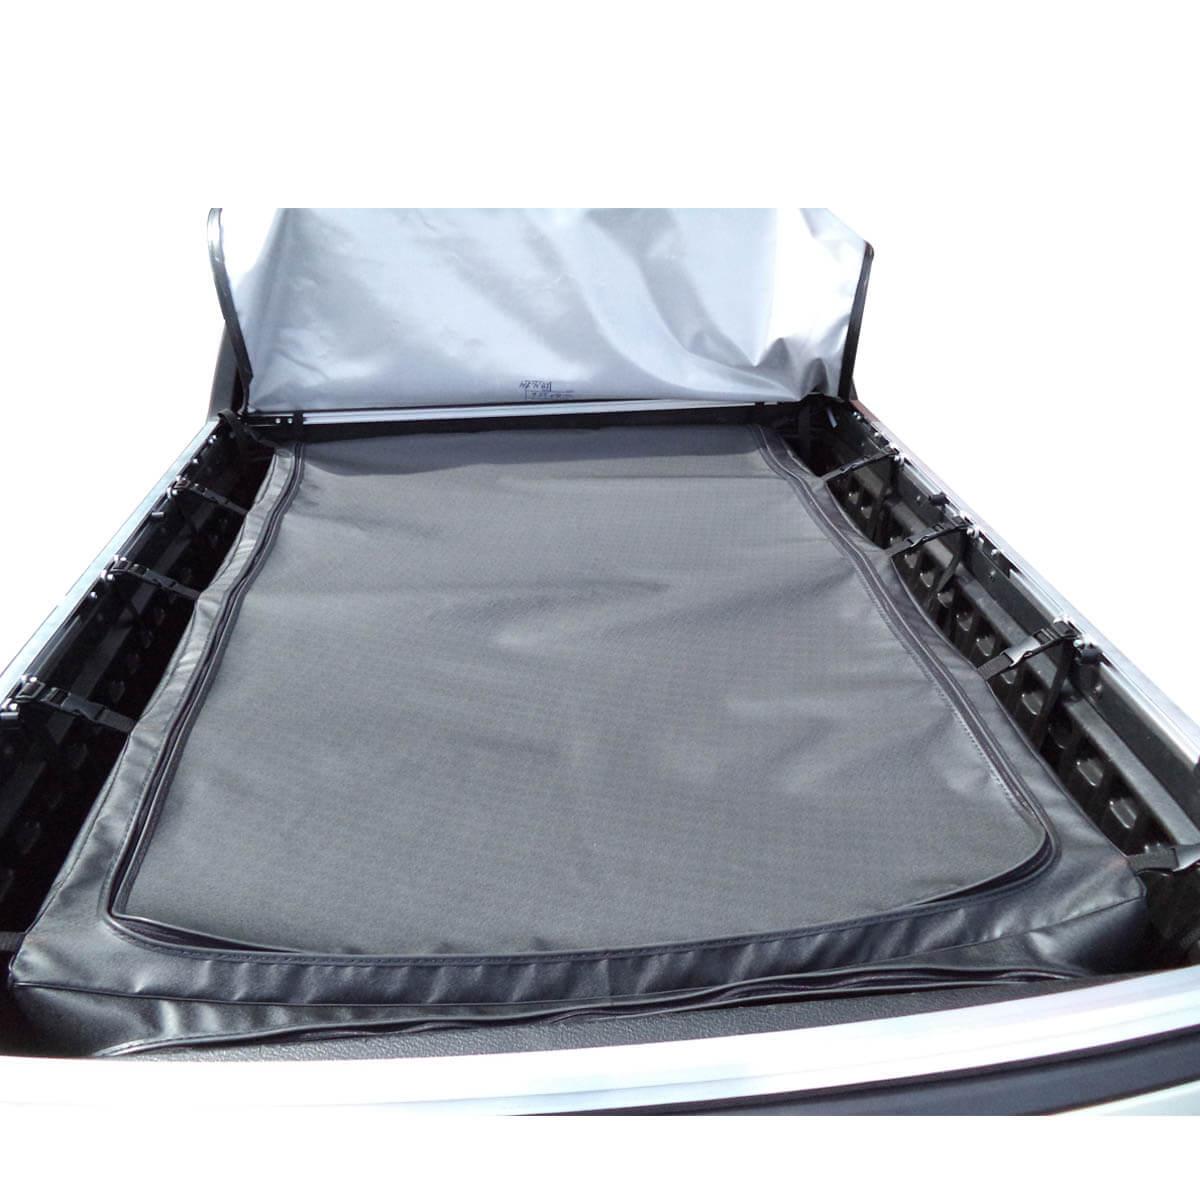 Bolsa caçamba estendida horizontal L200 Triton 2008 a 2016